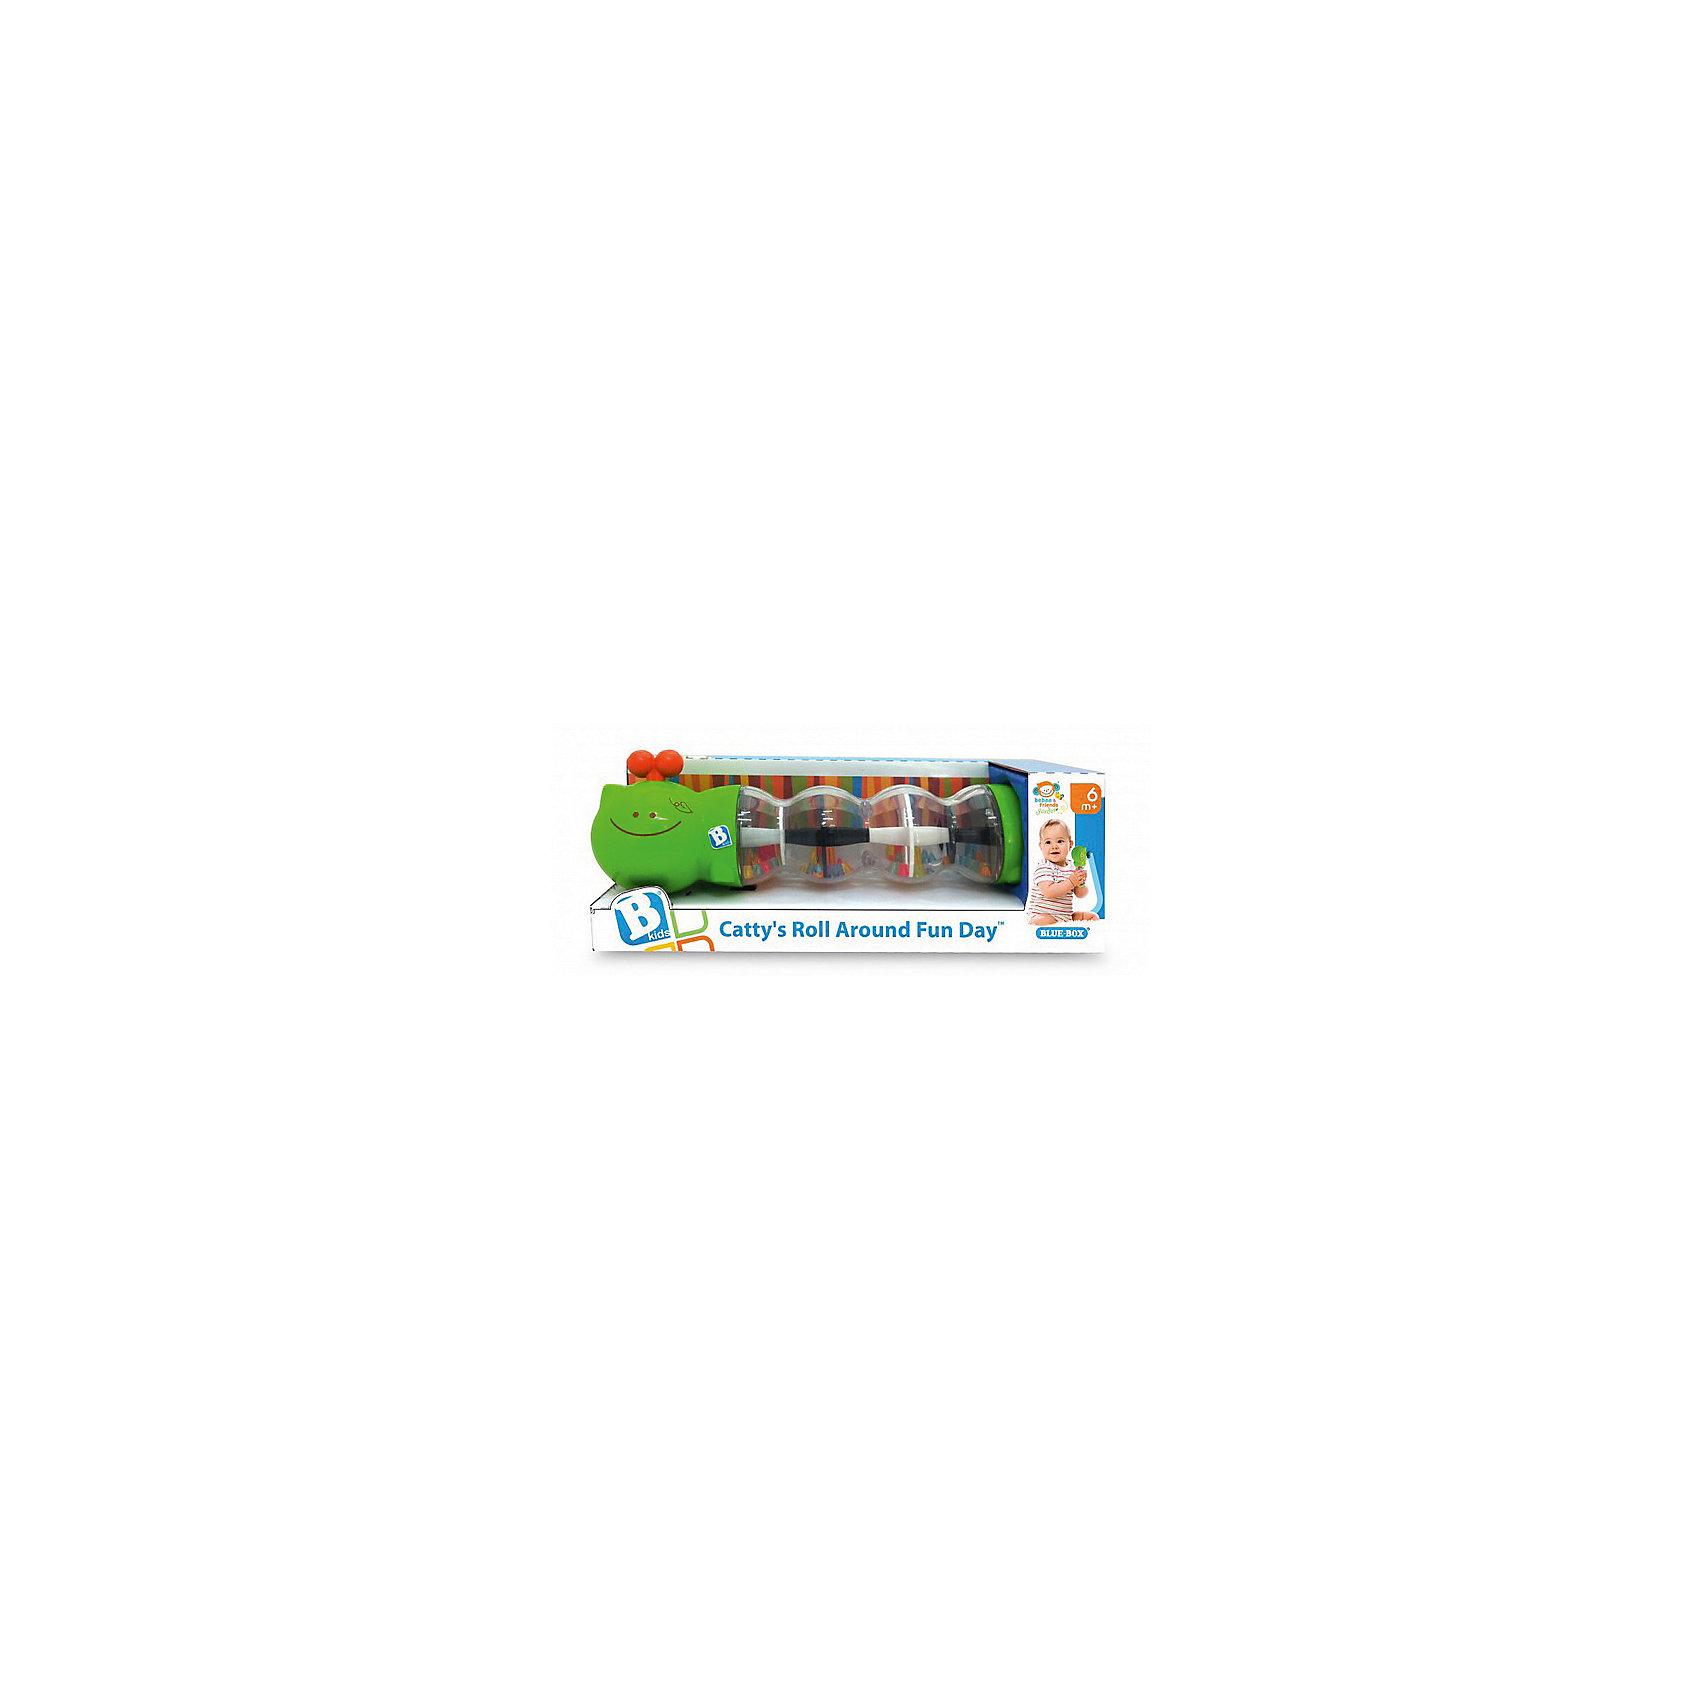 Игрушка Гусеничка с шариками, BKidsПогремушки<br>Развивать способности ребенка можно с самого раннего возраста. Делая это в игре, малыш всесторонне изучает мир и осваивает новые навыки. Эта игрушка представляет собой погремушку в виде гусеницы с прозрачными секциями и разноцветными шариками. <br>Такие игрушки способствуют развитию мелкой моторики, воображения, цвето- и звуковосприятия, тактильных ощущений и обучению. Изделие разработано специально для самых маленьких. Сделано из материалов, безопасных для детей.<br><br>Дополнительная информация:<br><br>цвет: разноцветный;<br>размер упаковки: 25 х 9 х 9 см;<br>возраст: с 3 мес.<br><br>Игрушку Гусеничка с шариками от бренда BKids можно купить в нашем интернет-магазине.<br><br>Ширина мм: 88<br>Глубина мм: 88<br>Высота мм: 88<br>Вес г: 240<br>Возраст от месяцев: 3<br>Возраст до месяцев: 36<br>Пол: Унисекс<br>Возраст: Детский<br>SKU: 5055399